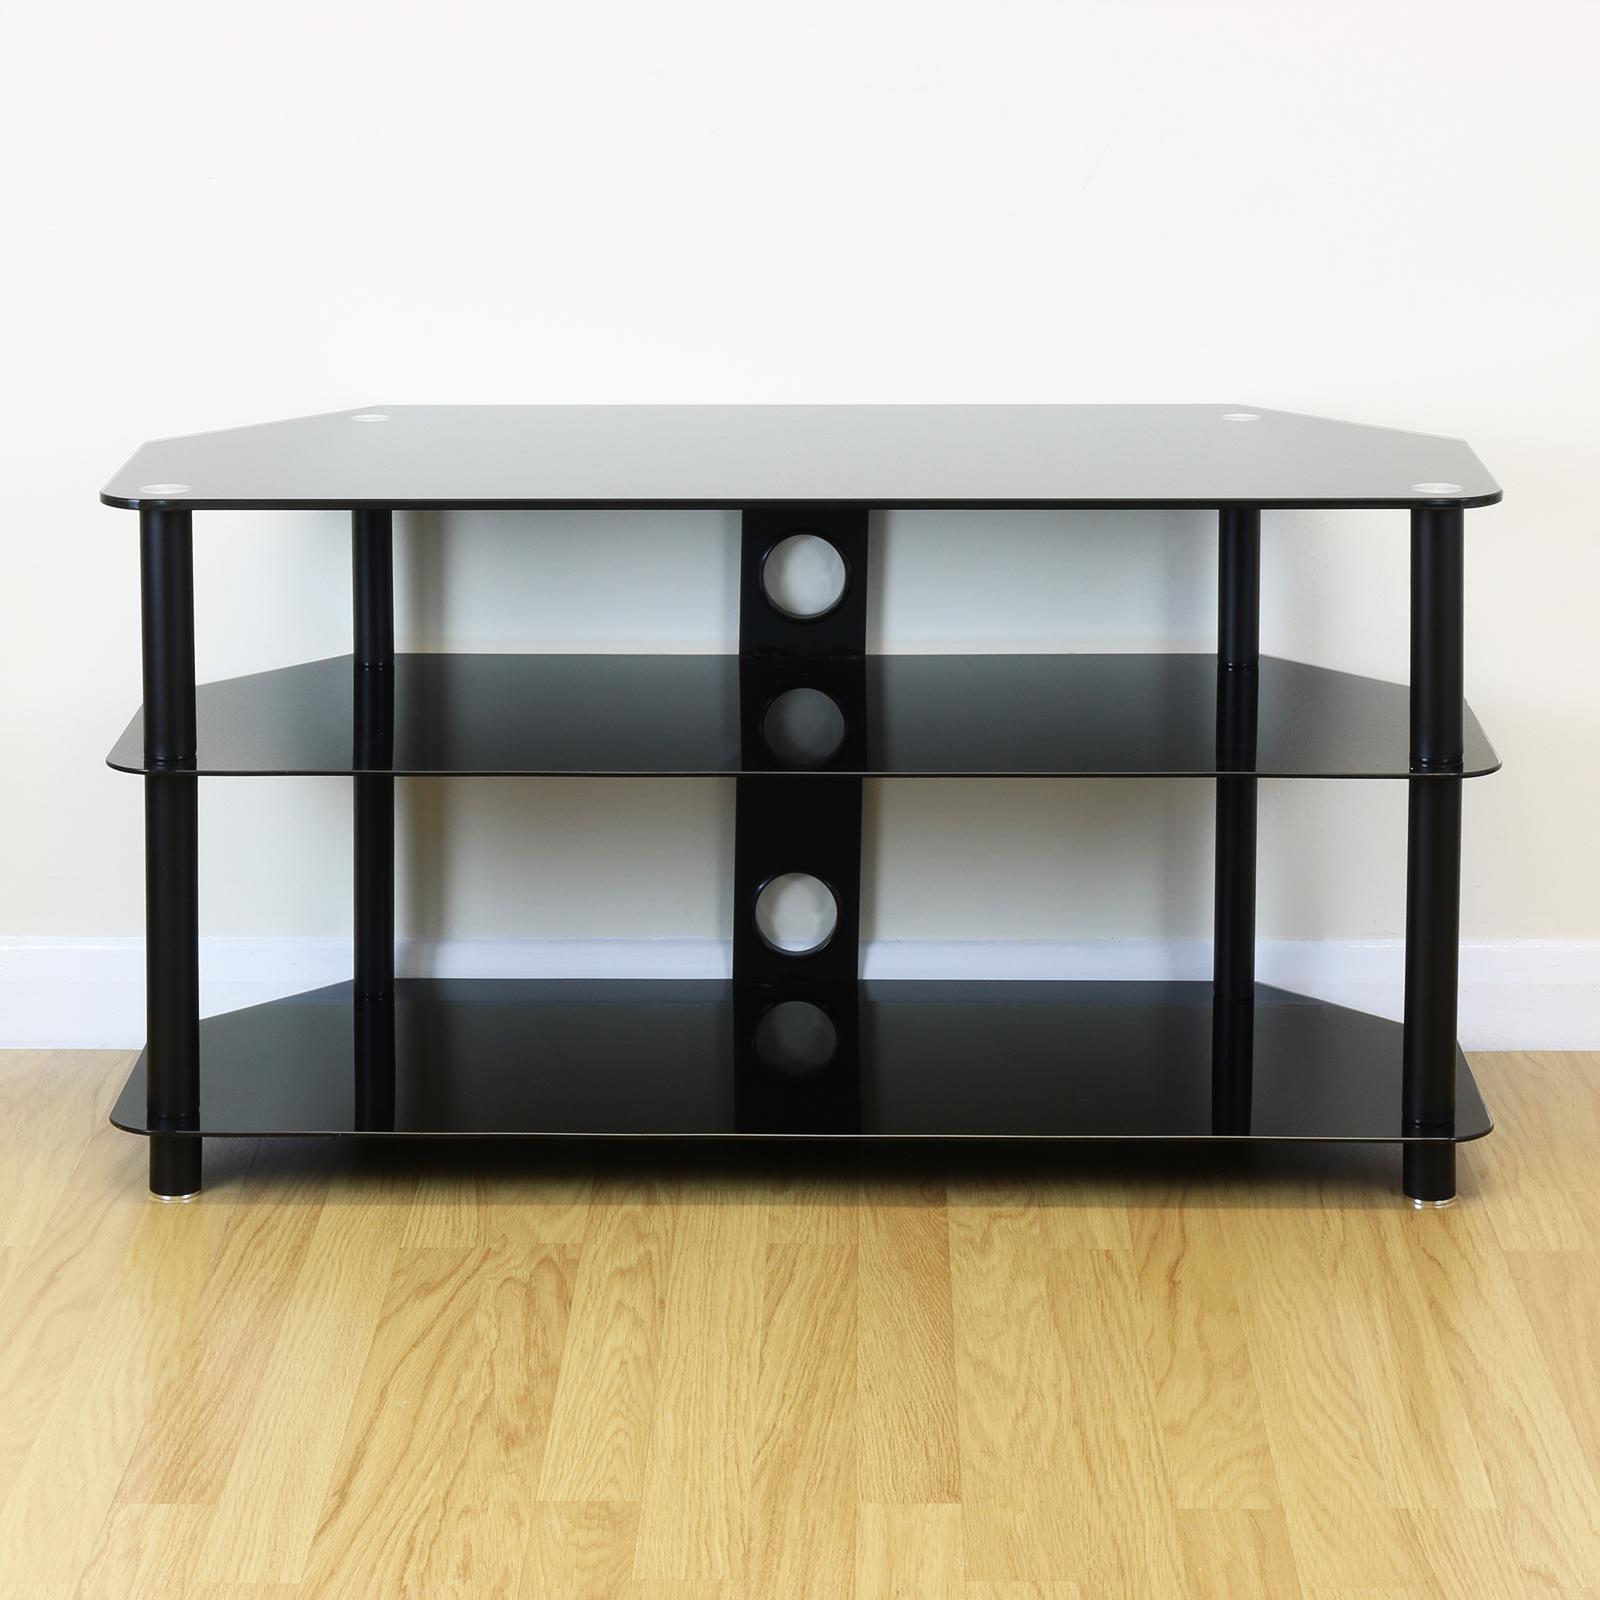 sale large black glass led lcd plasma tv stand corner shelf unit ex display 299 ebay. Black Bedroom Furniture Sets. Home Design Ideas